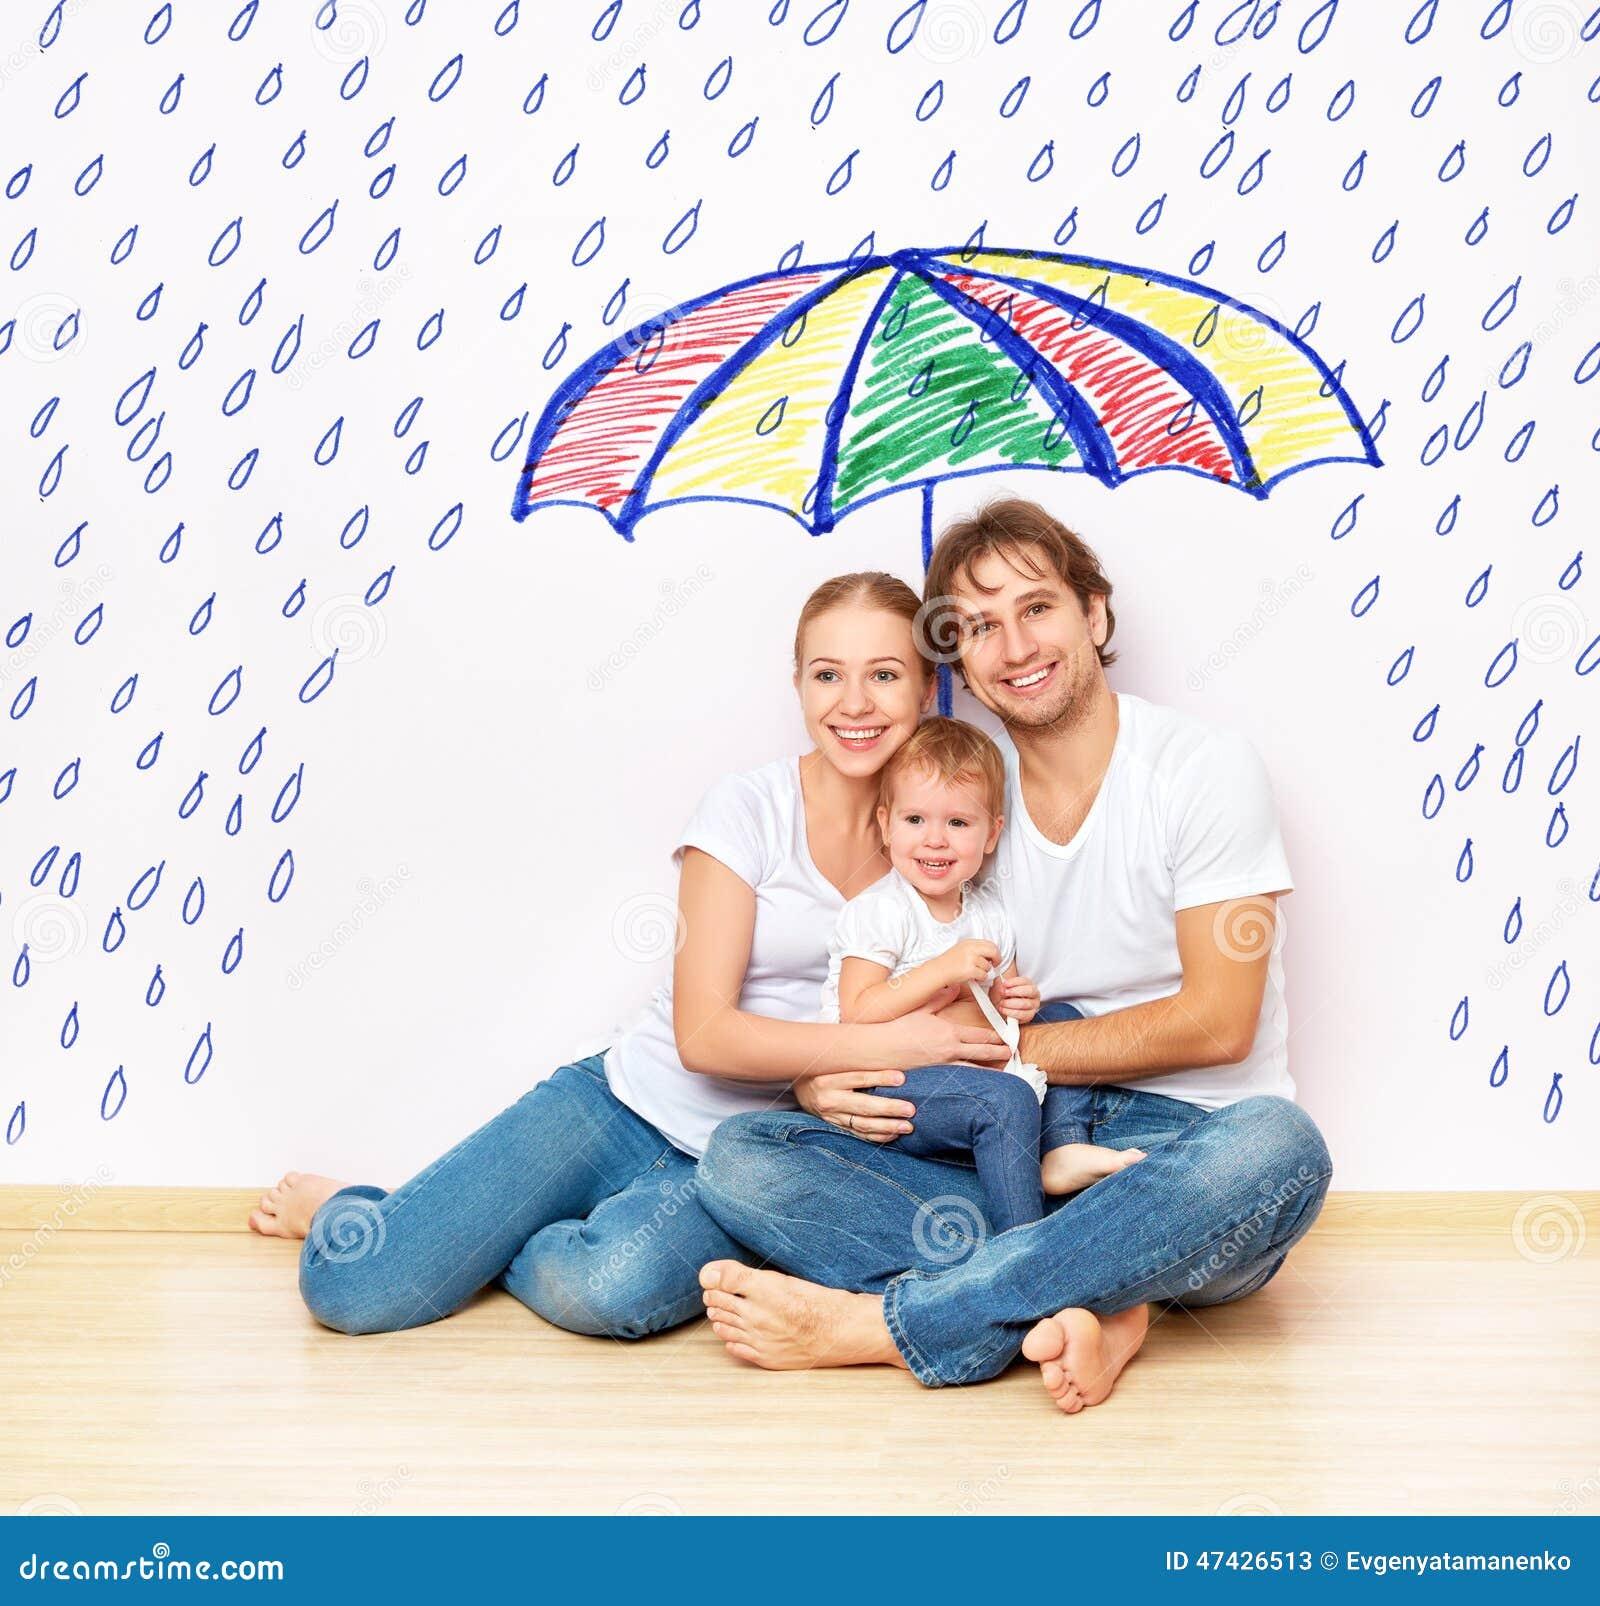 Έννοια: κοινωνική προστασία της οικογένειας η οικογένεια πήρε το καταφύγιο από τα miseries και τη βροχή κάτω από την ομπρέλα